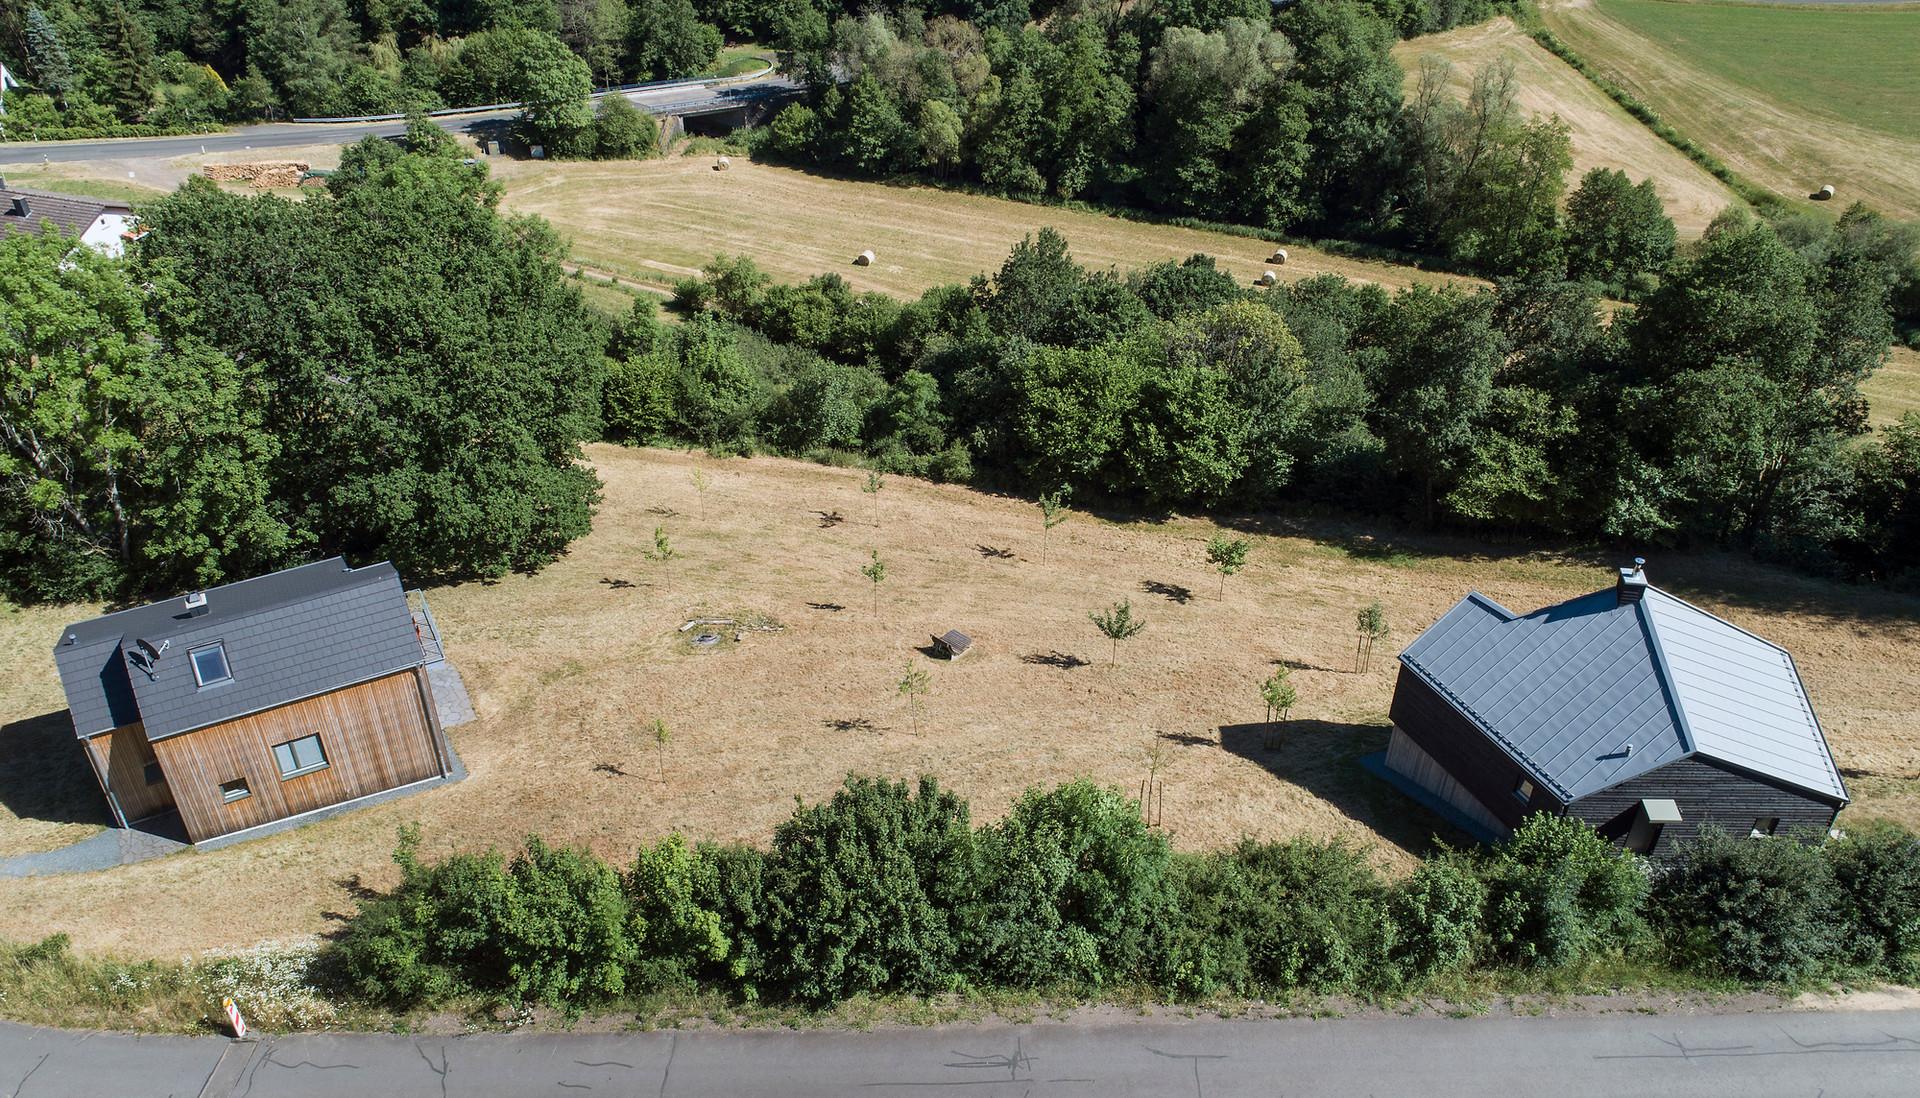 Luftbild02.jpg